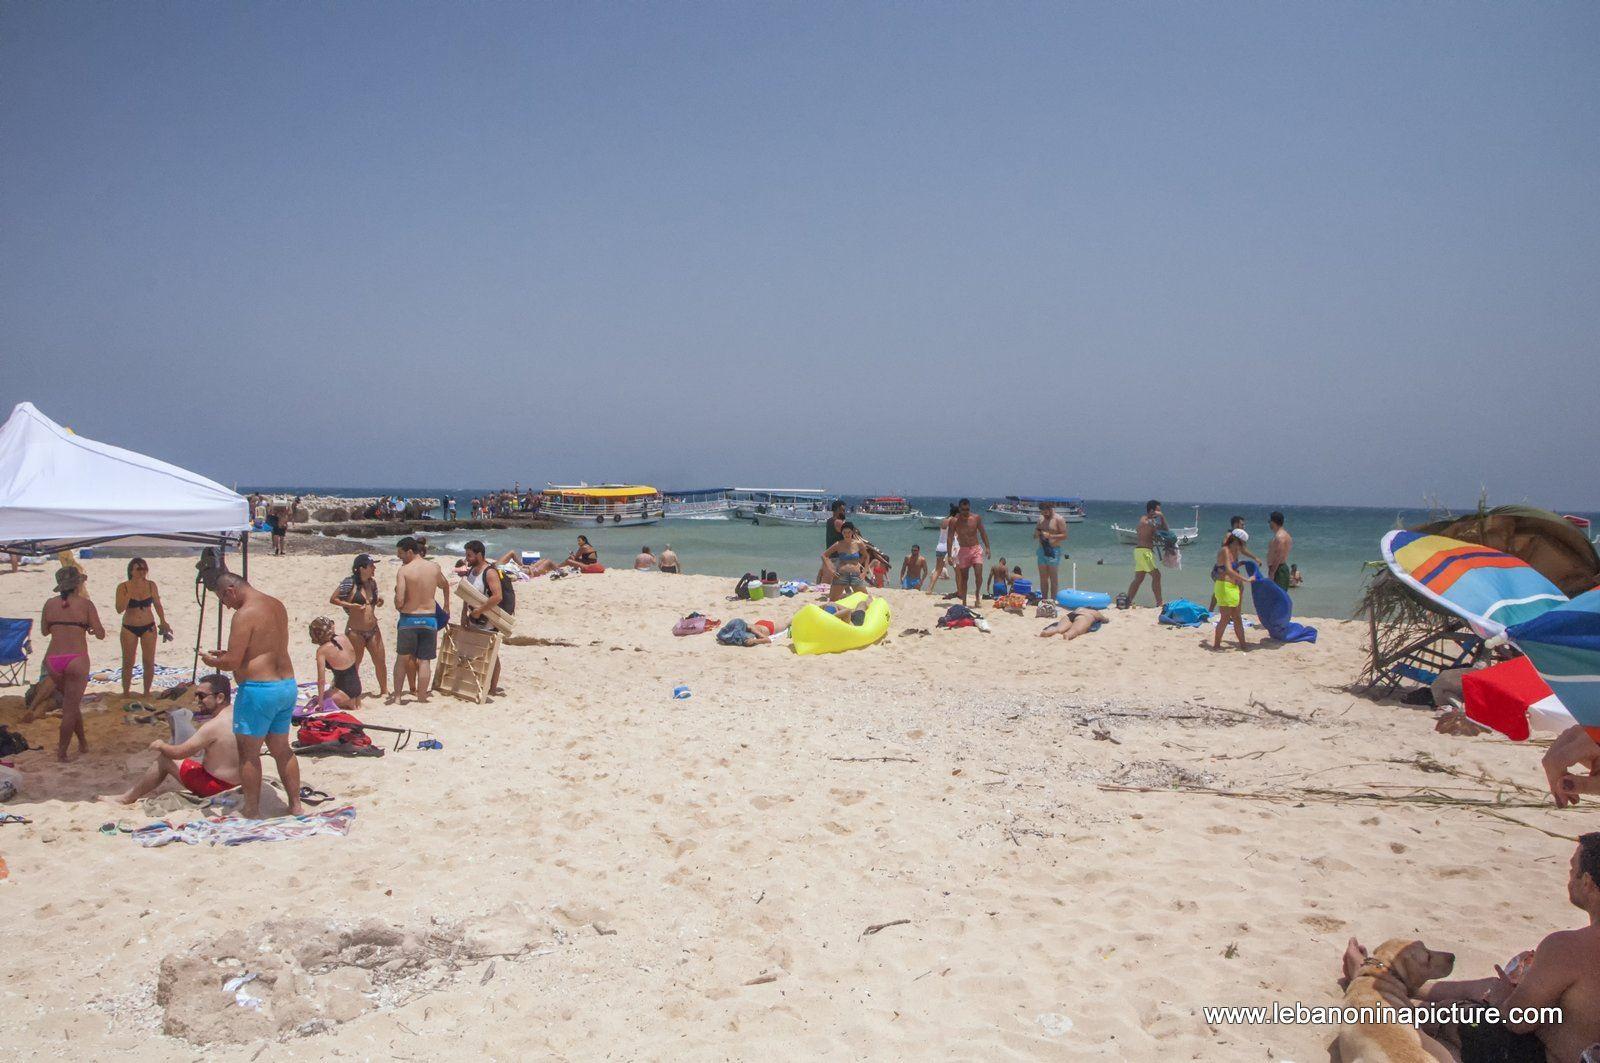 The Island sand beach